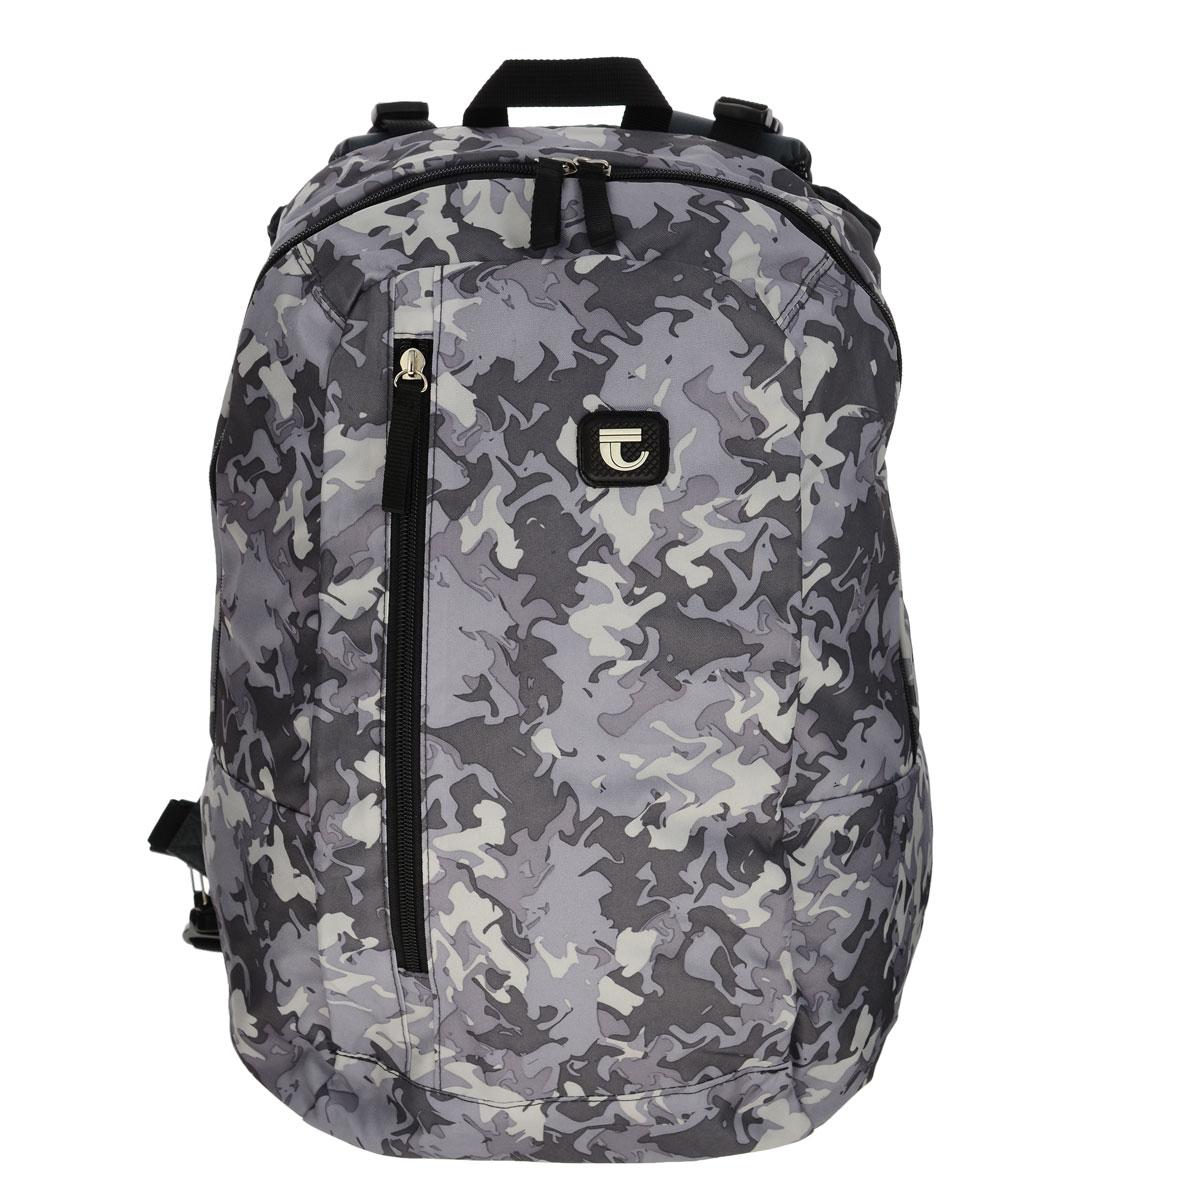 Рюкзак двойной Tiger, цвет: серый81010/TGРюкзак Tiger изготовлен из качественного полиэстера, характеризующегося повышенной износостойкостью. Отстегивающаяся задняя дополнительная панель с регулируемыми лямками, позволяет менять расцветку рюкзака на камуфляжную. При изменении рюкзака, он будет иметь одно основное отделение на молнии, дополнительный карман на вертикальной молнии, регулируемые сверху и снизу задние лямки с сетчатой набивкой.